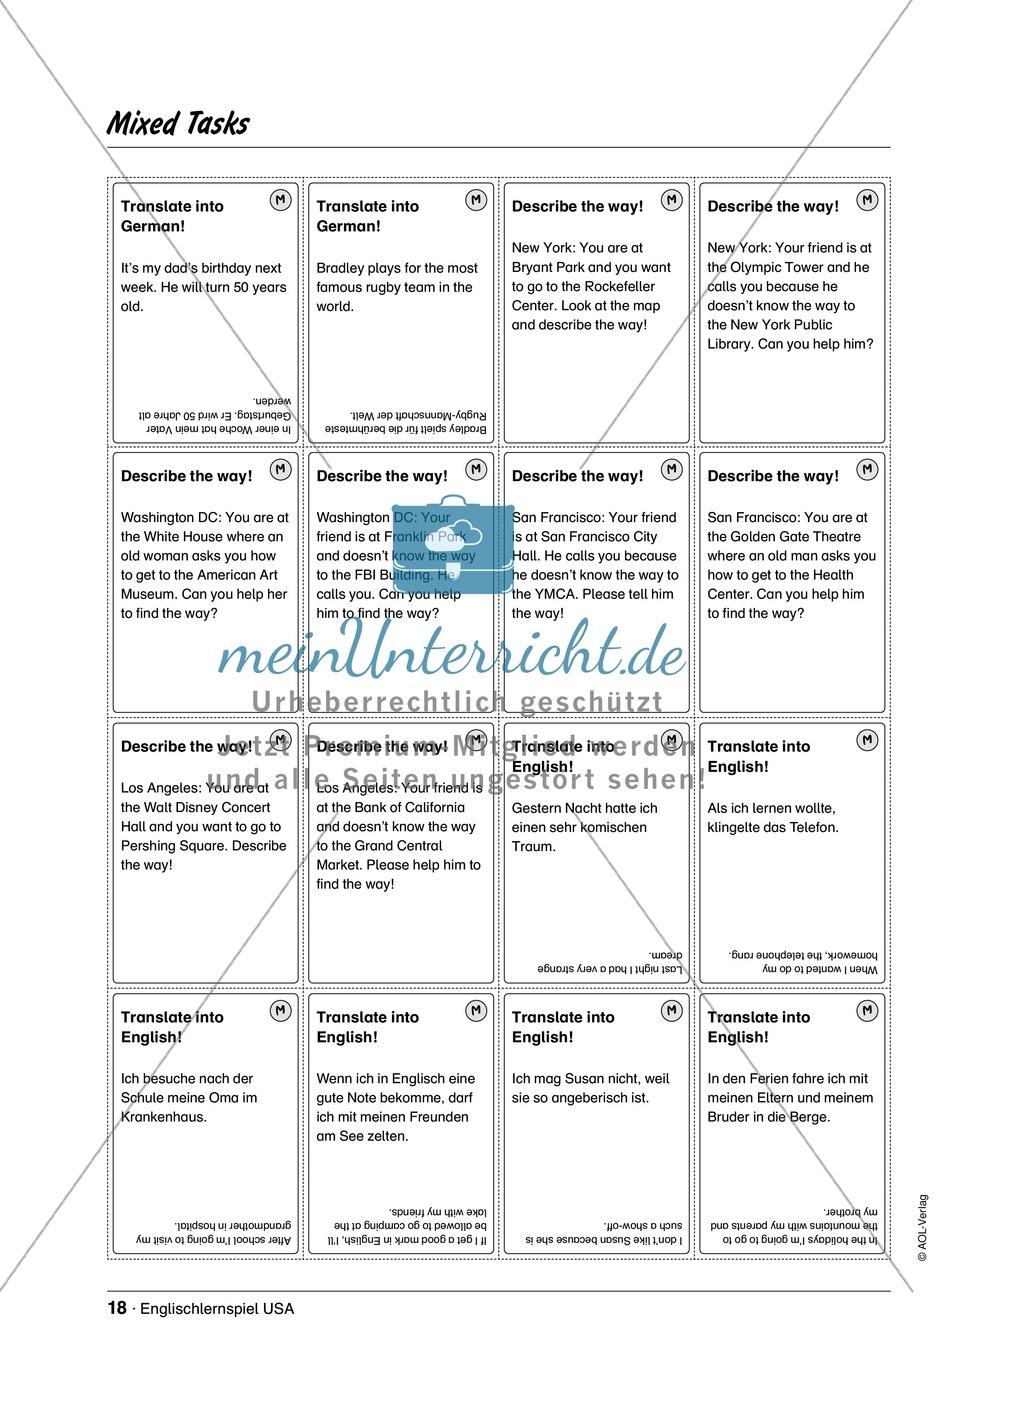 Englischlernspiel USA: Spielkarten + Informationen zu Sehenswürdigkeiten Preview 12